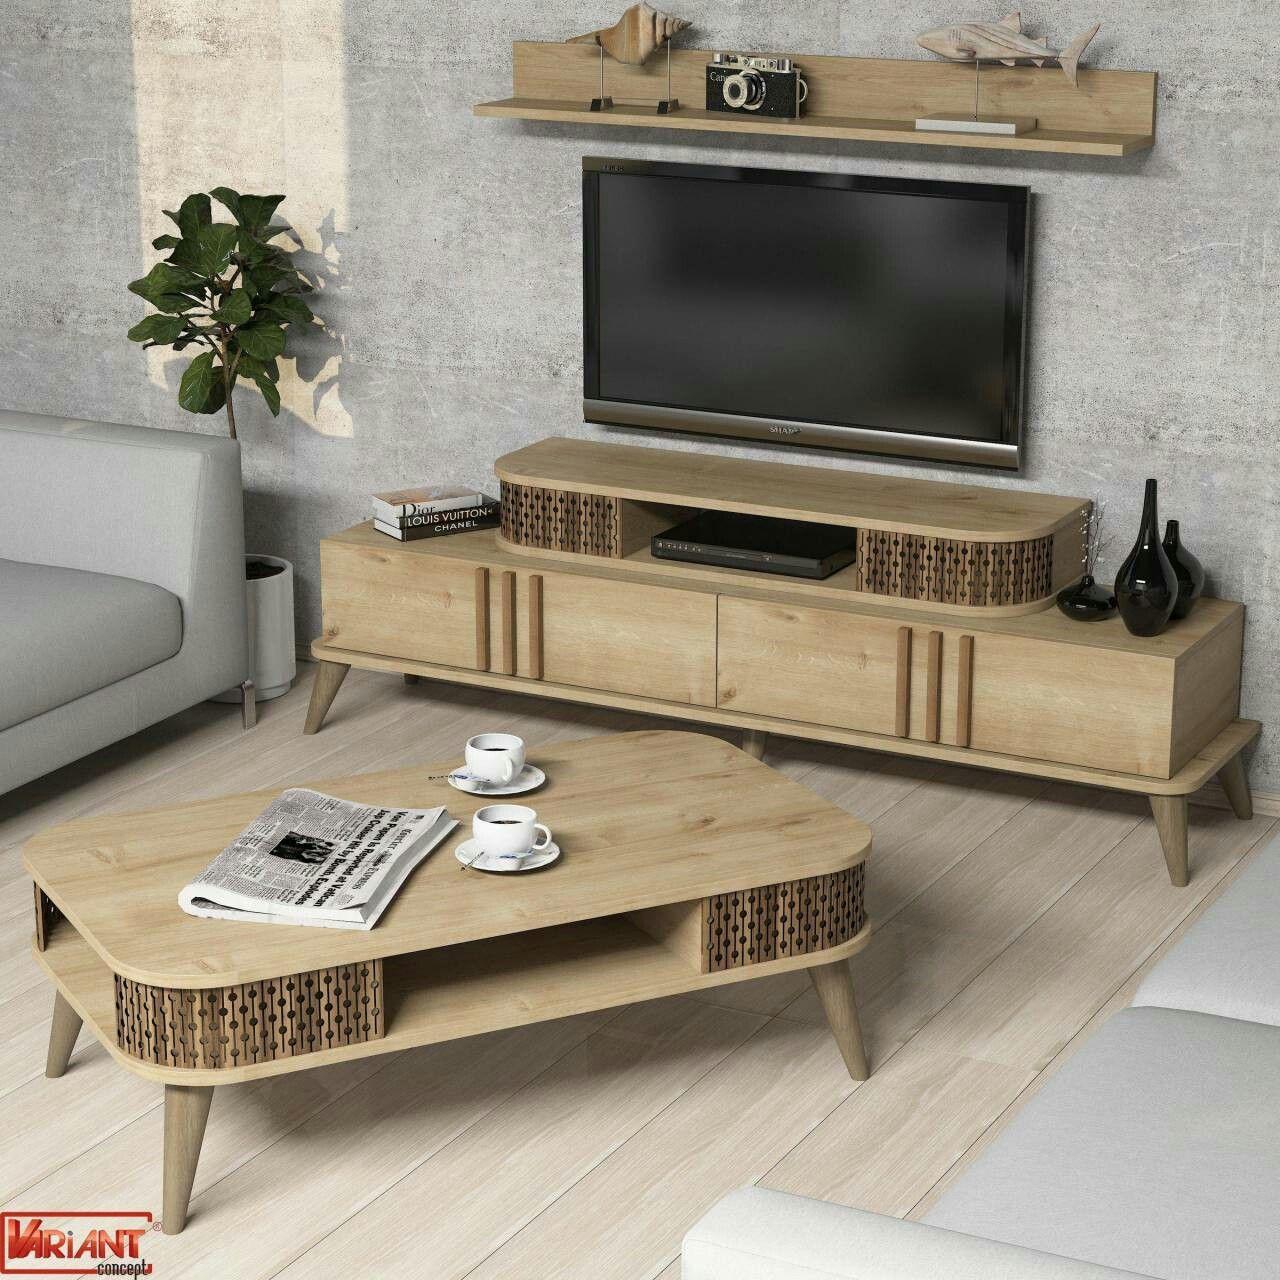 서치홍 adli kullanicinin tv unite panosundaki pin mobilya oturma odasi dekorasyonu mobilya fikirleri